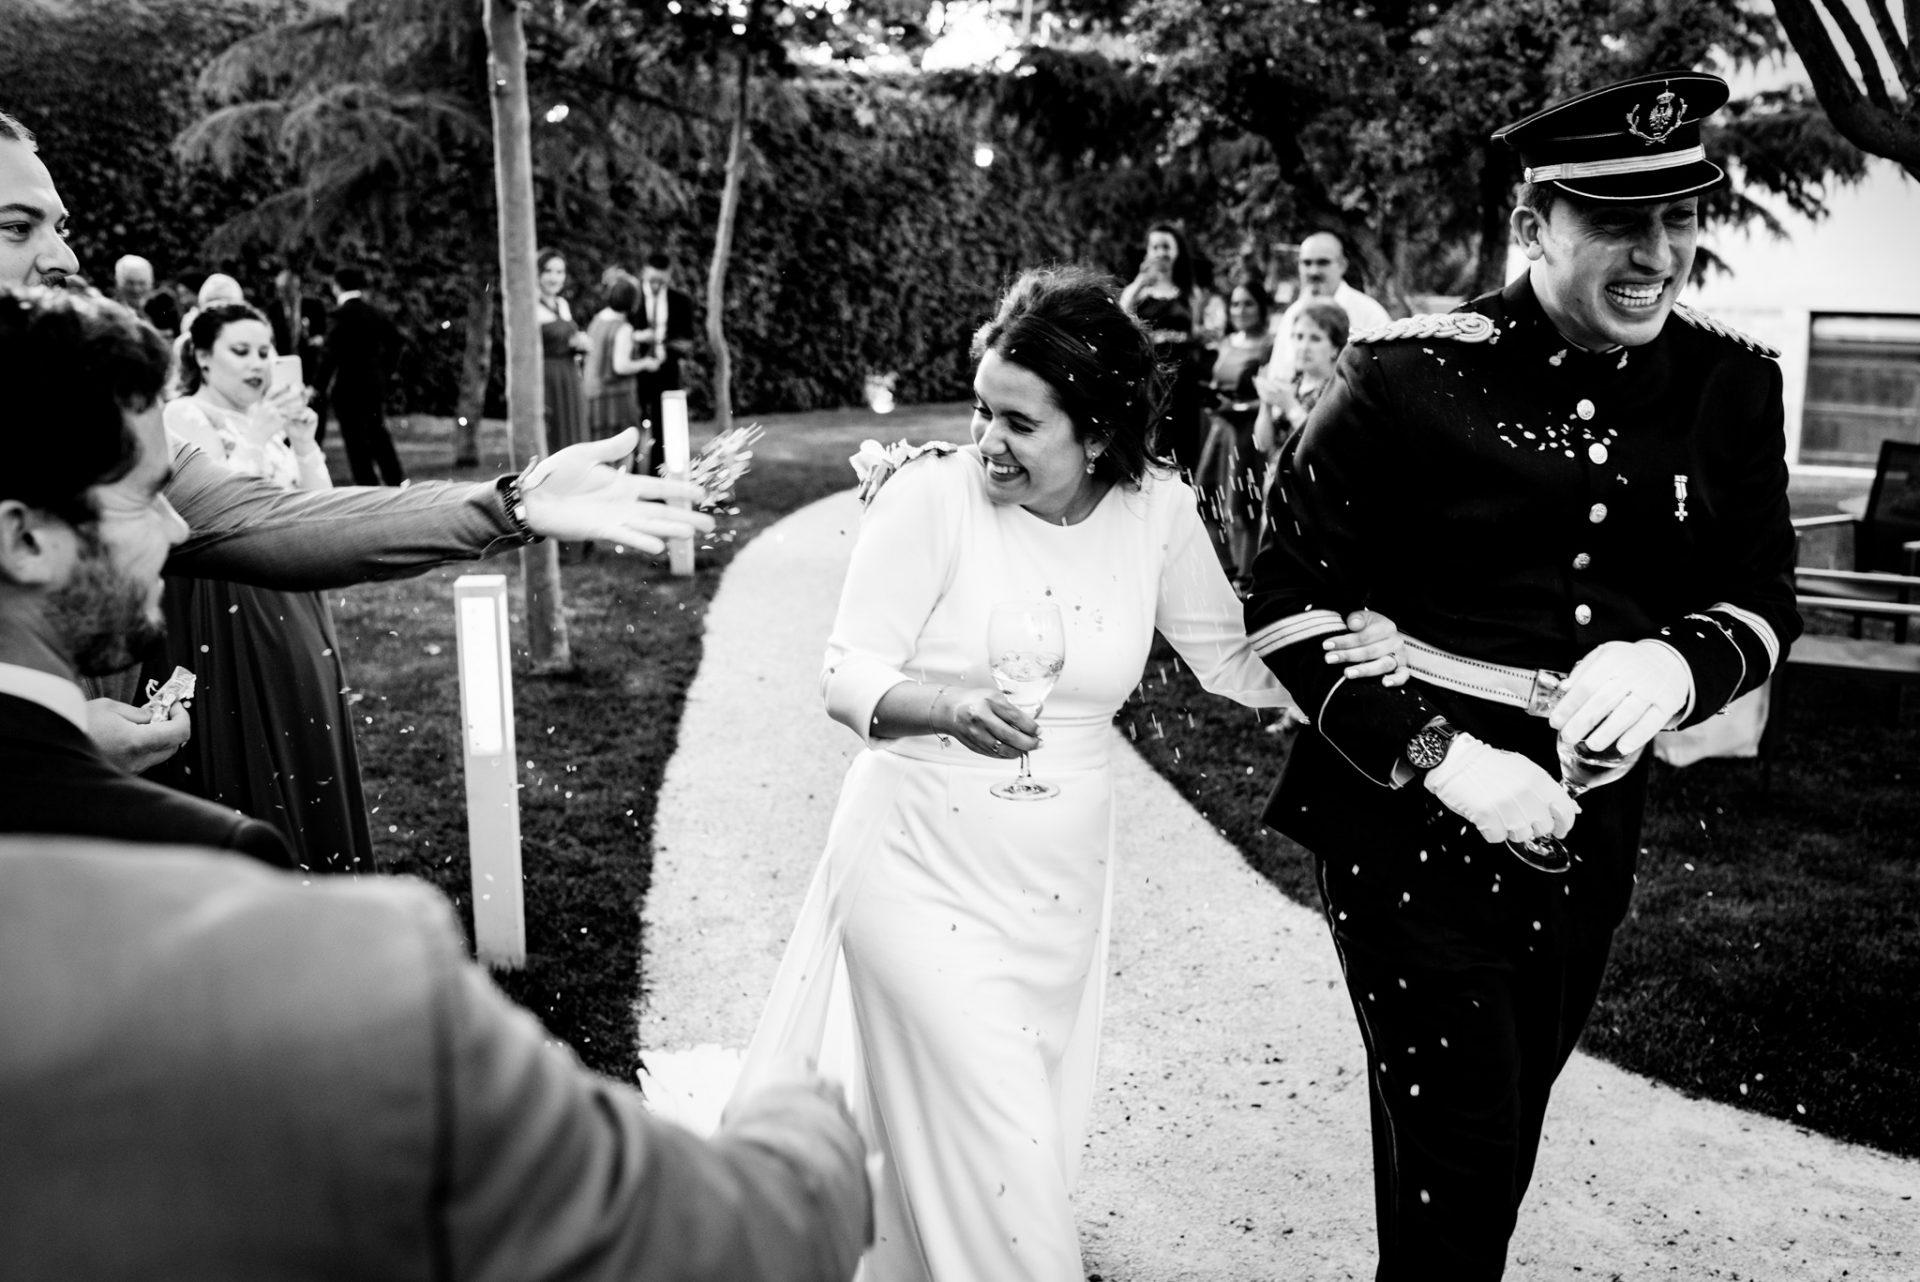 Reportaje fotográfico de boda en el Hotel Balneario Villa de Olmedo